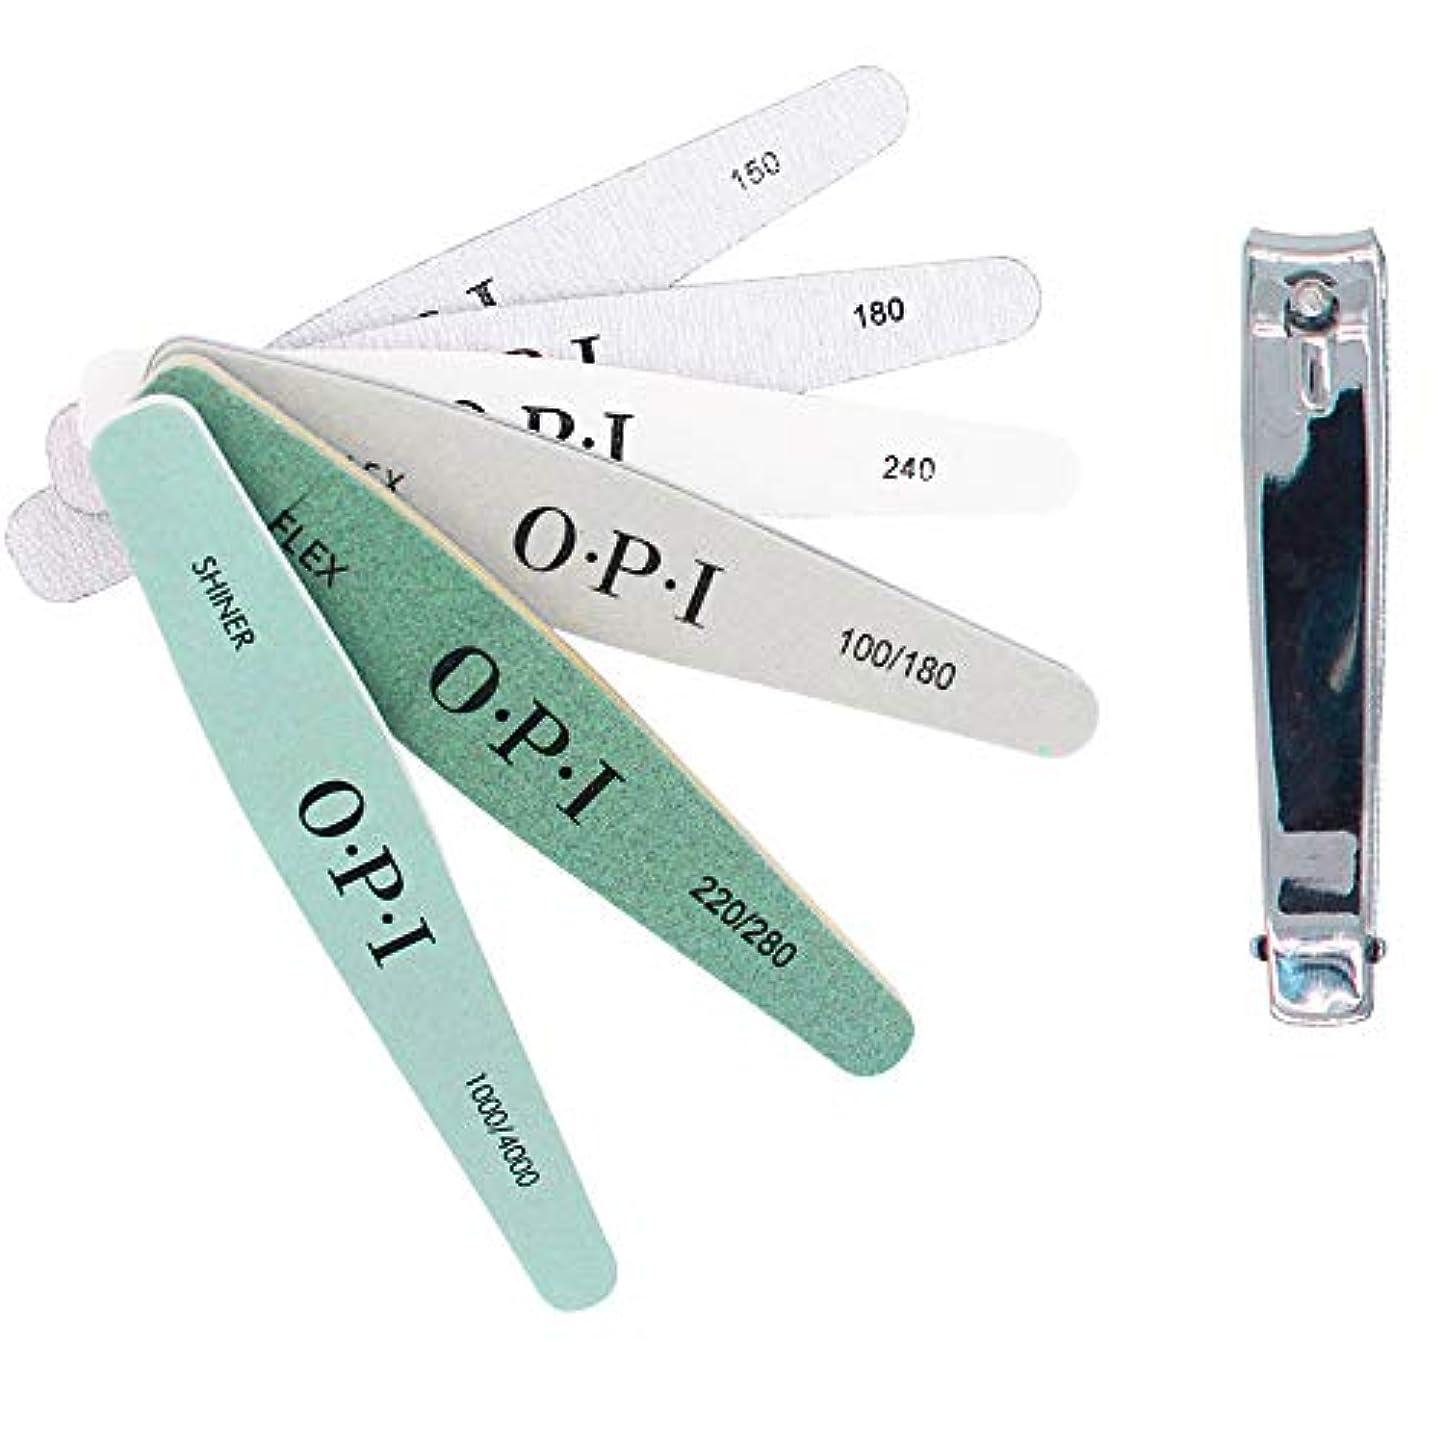 見出しお貼り直すKINYOOOスポンジファイル、爪やすり、ネイルをつやつやに、のネイルツール、 150/180/200/240/280/1000/4000と(1 PCSメタルネイルはさみ)、ネイルケア用化粧マニキュアペディキュアセット。